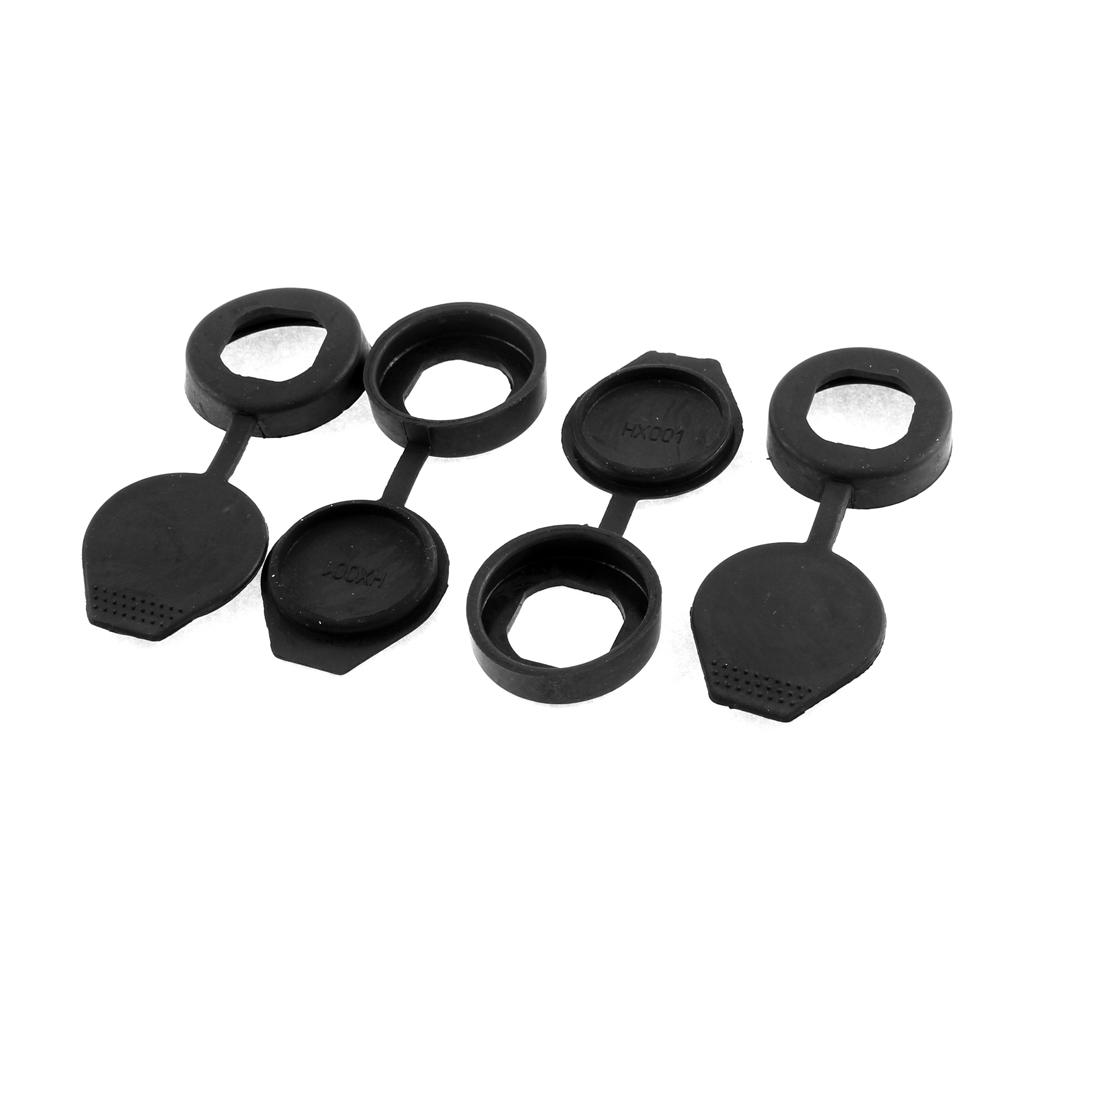 Cigarette Lighter Outlet Socket Black Rubber Cover Connector Cap Lid Replacement 4 PCS